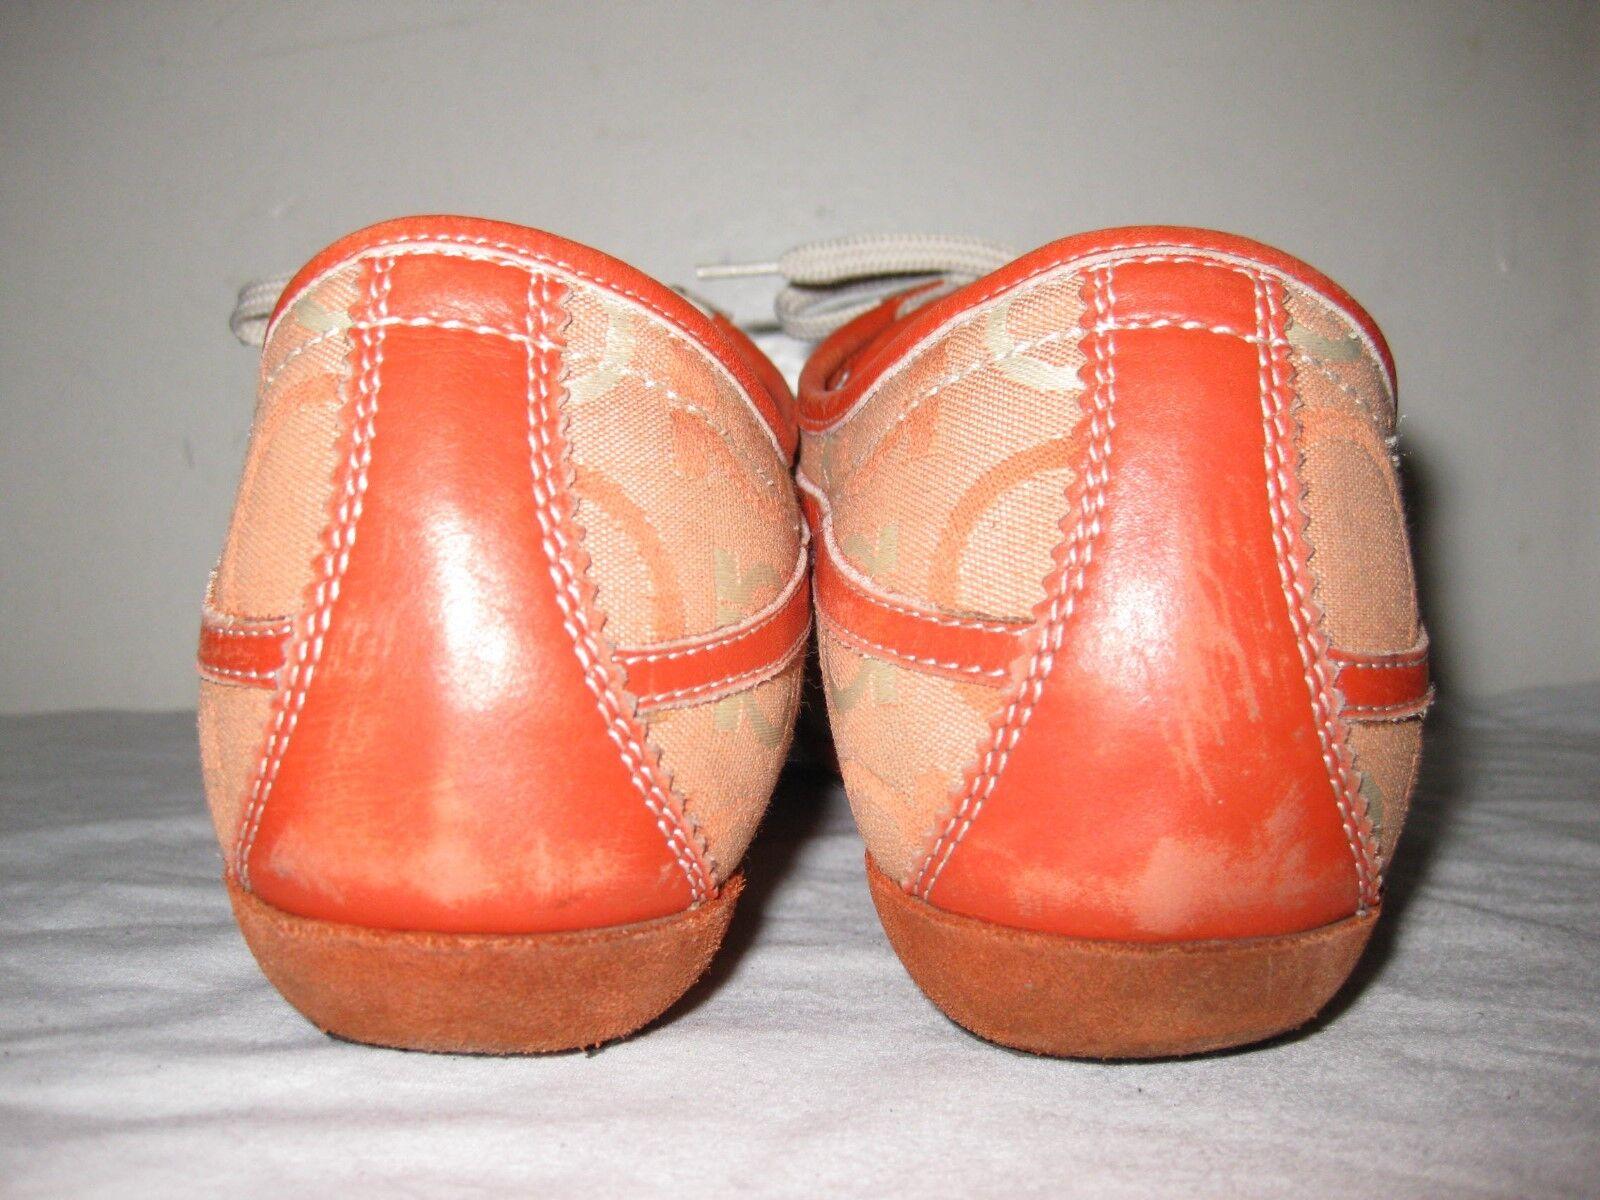 Salvatore Ferragamo Orange schuhe Turnschuhe Woman's Größe 8 8 8 C 639639